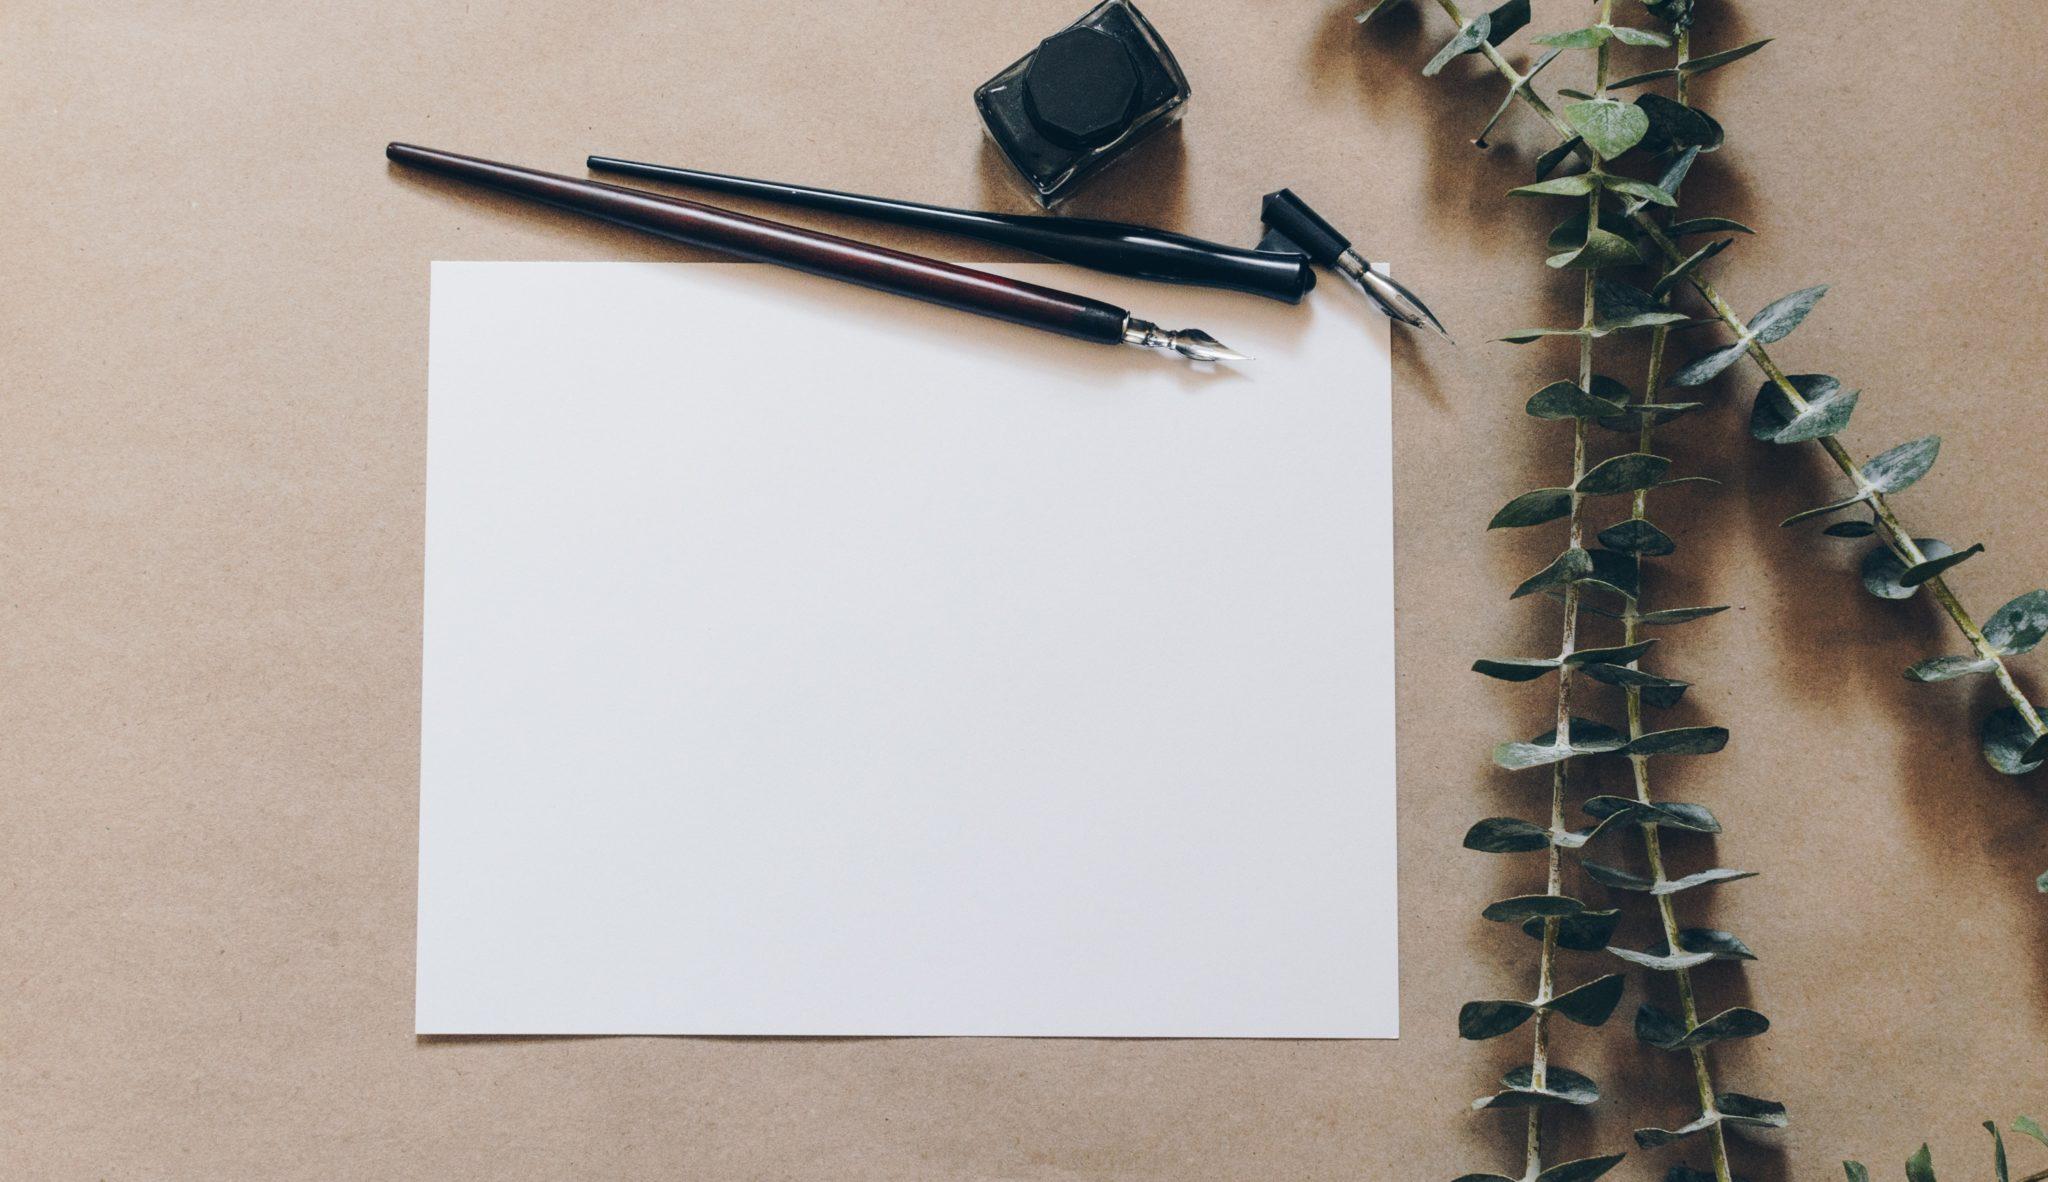 Schreibblockade – Fluch der Autoren